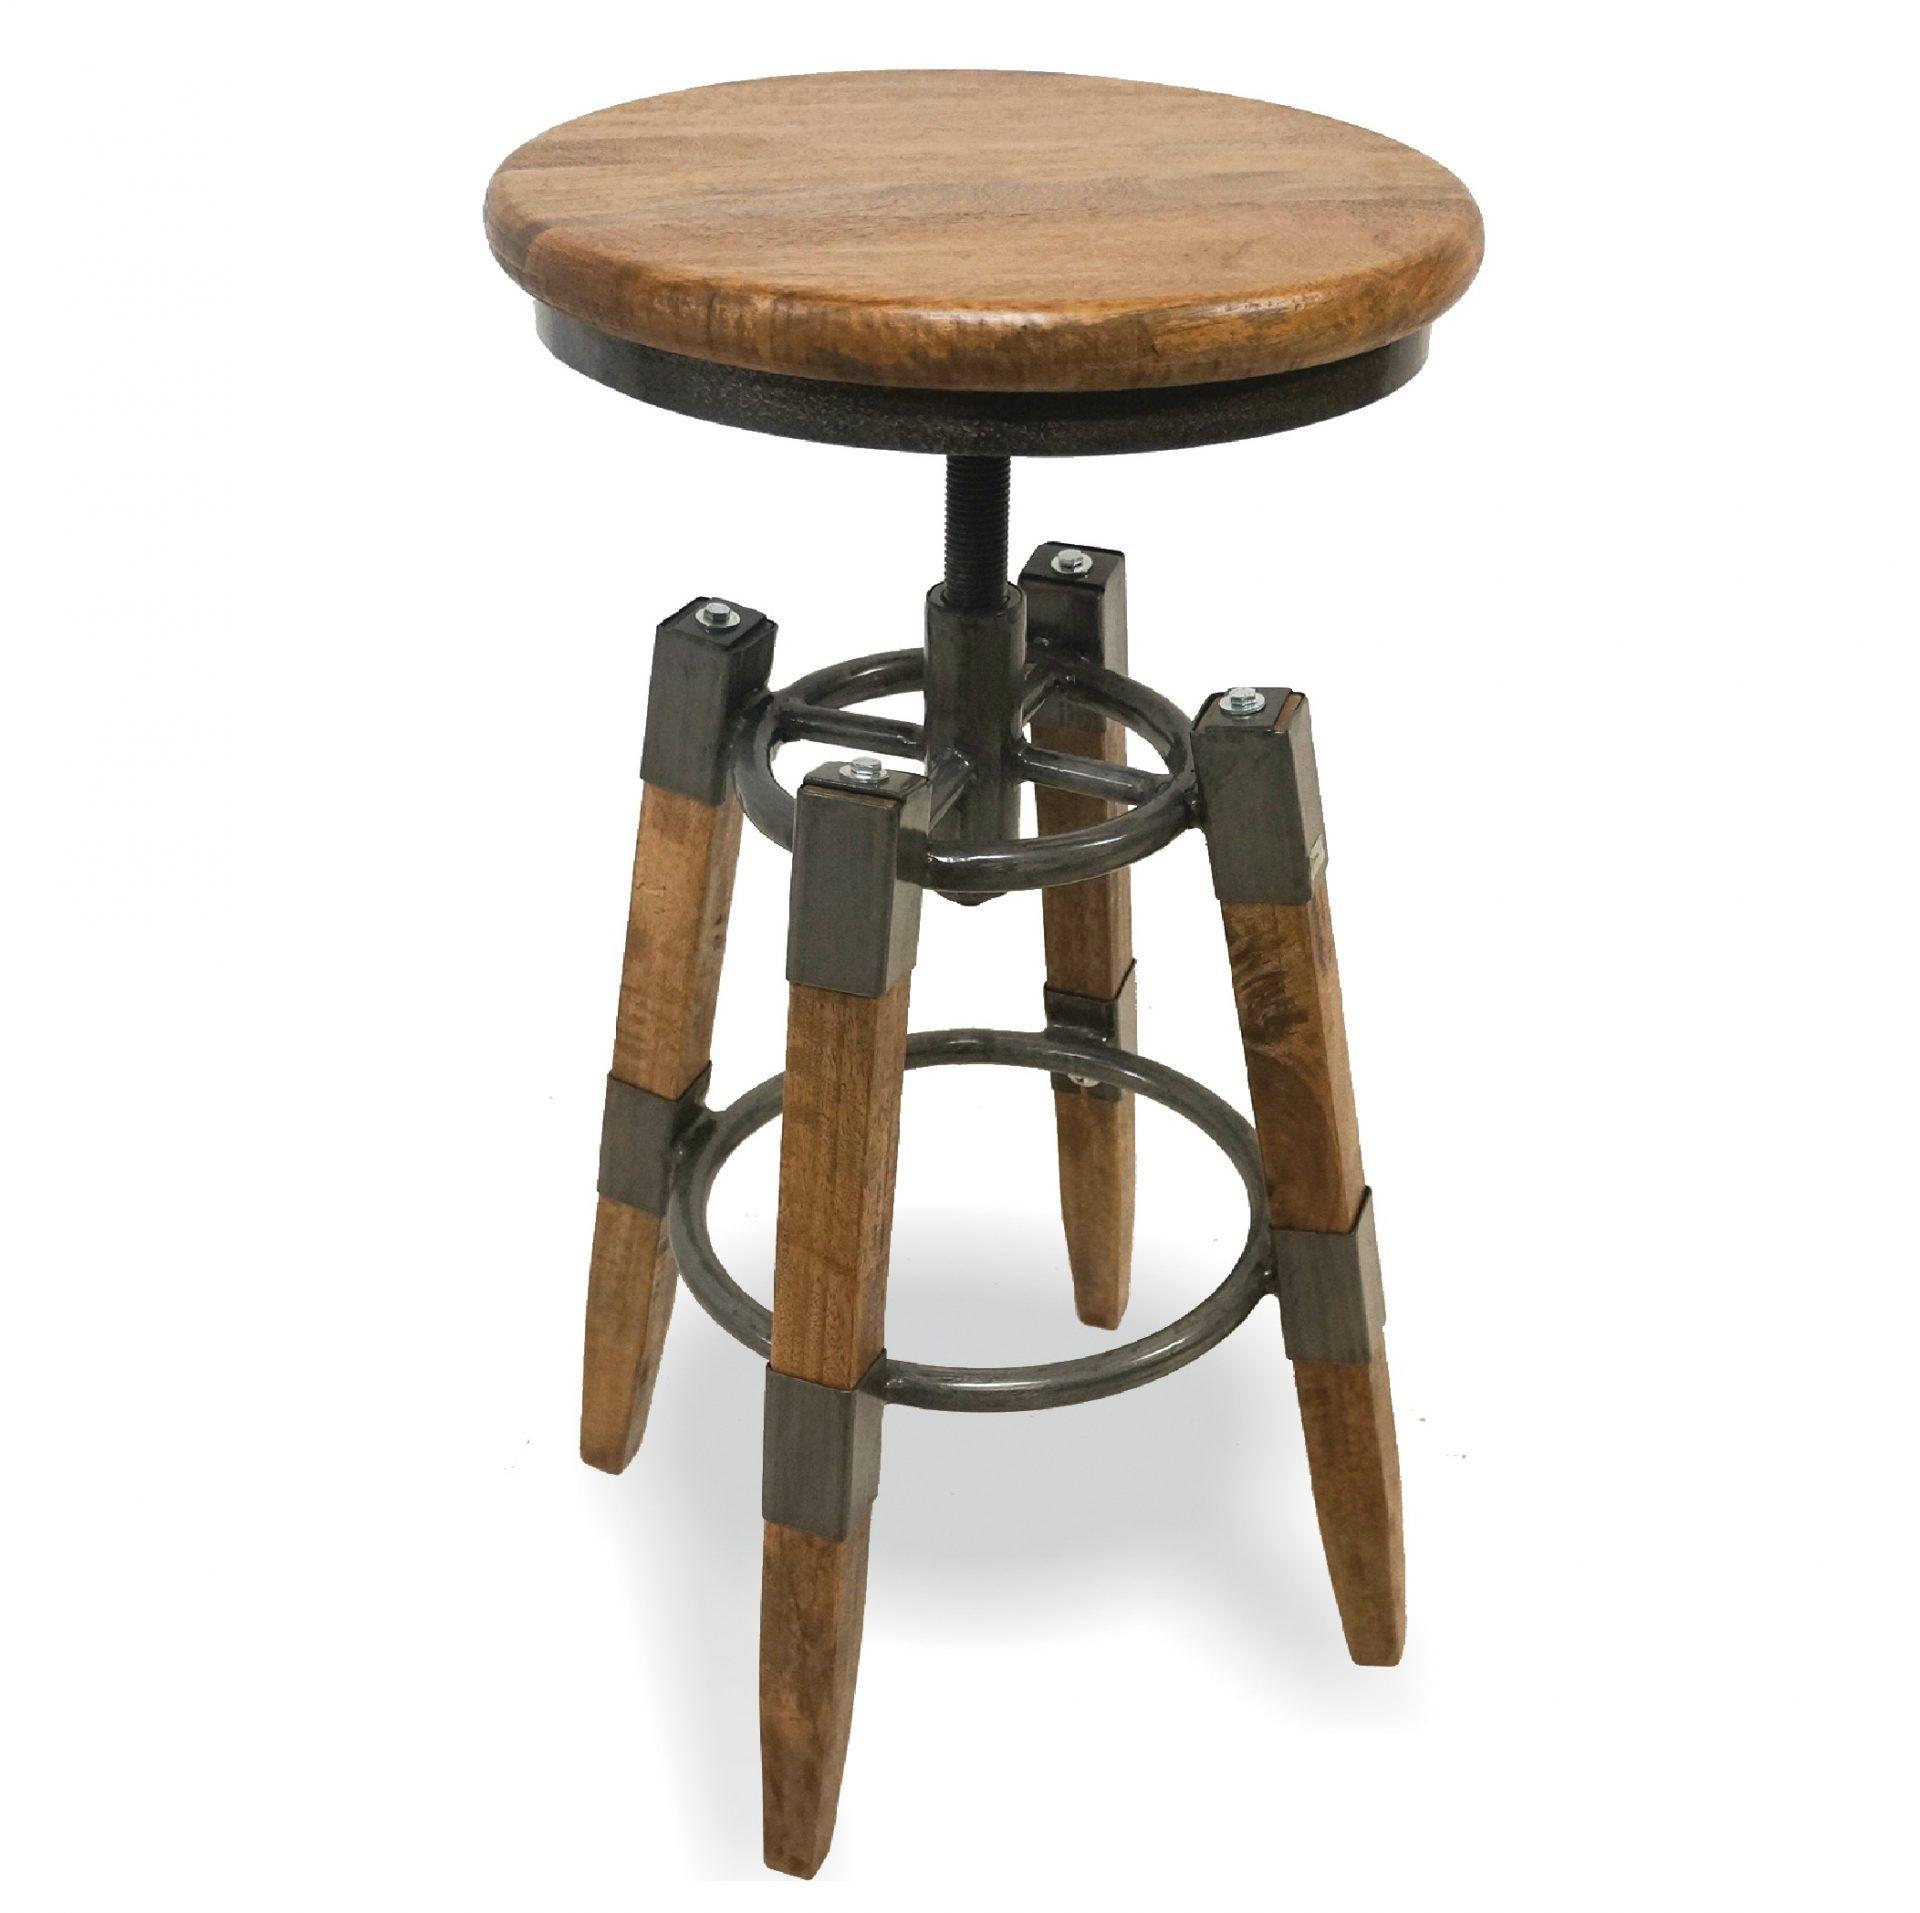 El Taburete Frog Up ofrece confort estabilidad y tecnologa a un buen precio El asiento de este taburete para barra de bar está construido median…